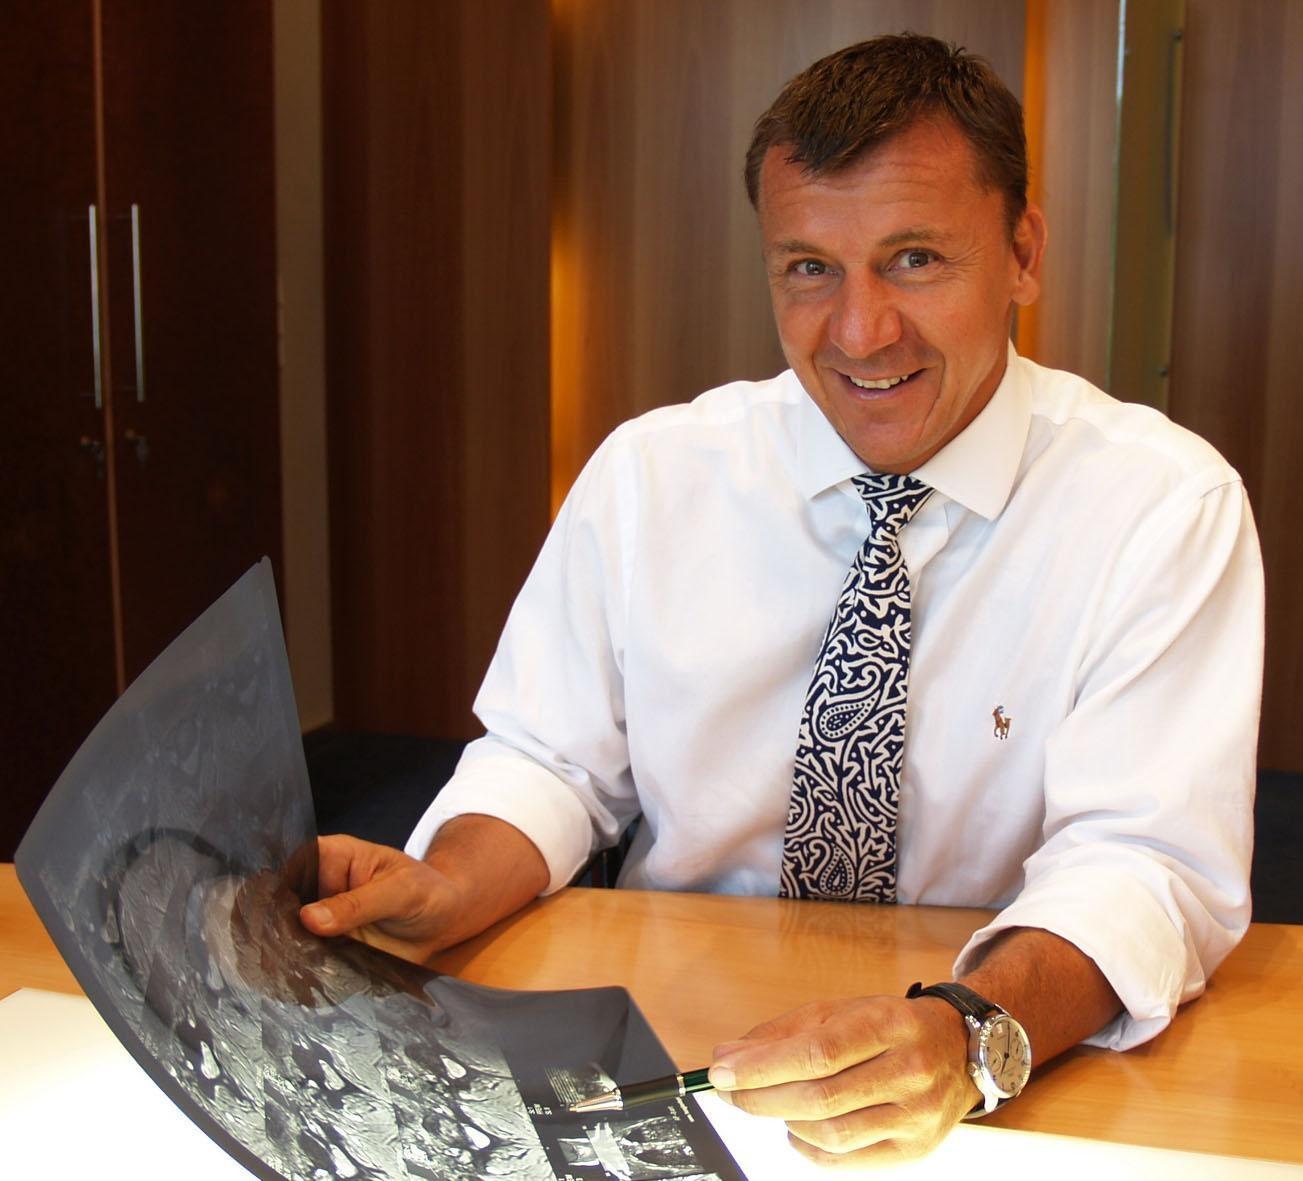 Dr. Michael Schubert bei Wirbelsäulenkongress in Wien